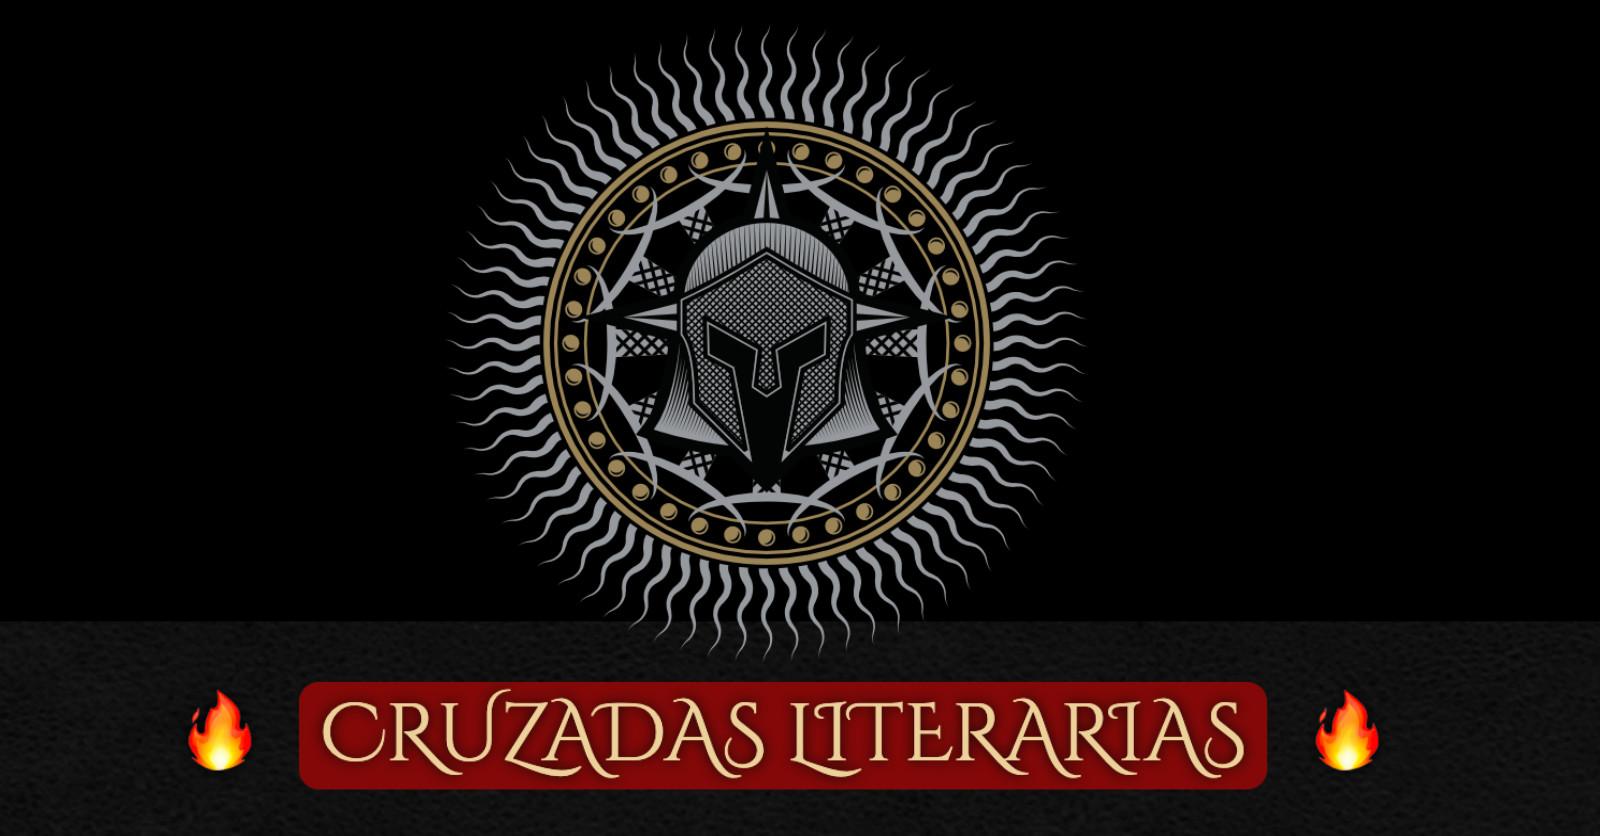 CRUZADAS LITERARIAS por @LETRARIUM